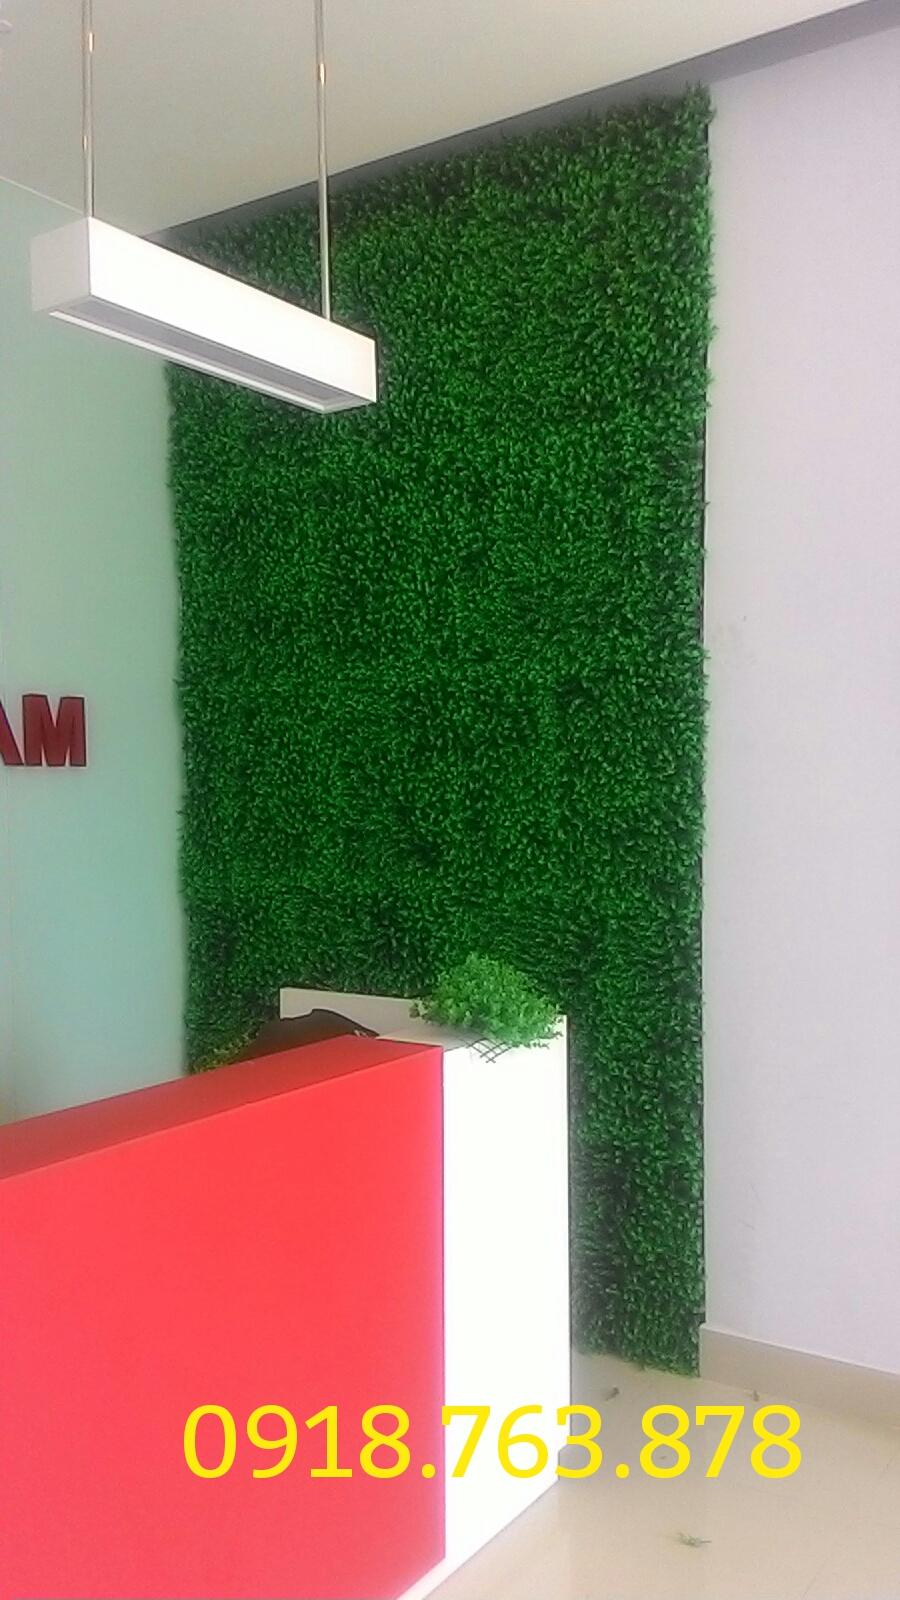 Tường cây lá giả, hoa giả trang trí văn phòng tại TPHCM